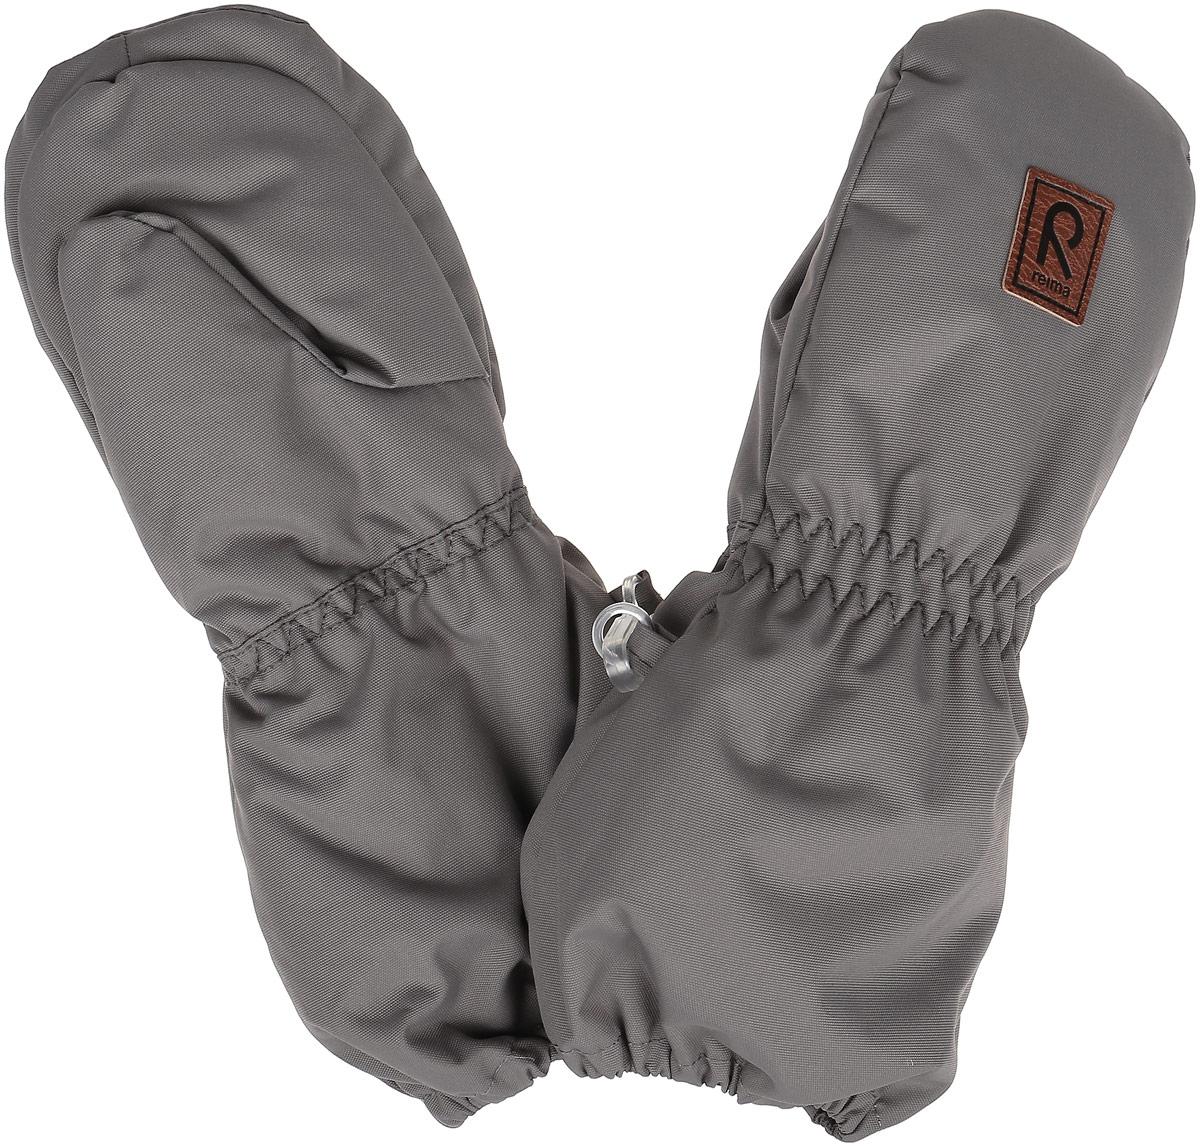 Варежки детские517124_2840Детские варежки Reima Huiske, изготовленные из мембранной ткани с водо- и ветрозащитным покрытием, станут идеальным вариантом для холодной погоды. Теплая мягкая подкладка выполнена из полиэстера и шерсти с добавлением акрила и полиамида. В качестве утеплителя используется полиэстер, который хорошо удерживает тепло. Ветронепроницаемый, но дышащий материал вместе с утеплителем и теплой подкладкой из шерсти позволяет держать пальчики в тепле, не давая им вспотеть. Край варежек и запястья присборены на эластичные резинки, препятствующие попаданию снега. Внешняя сторона модели оформлена небольшой декоративной нашивкой с названием бренда. Высокая степень утепления. Идеально при температурах от -10°С до -30°С.